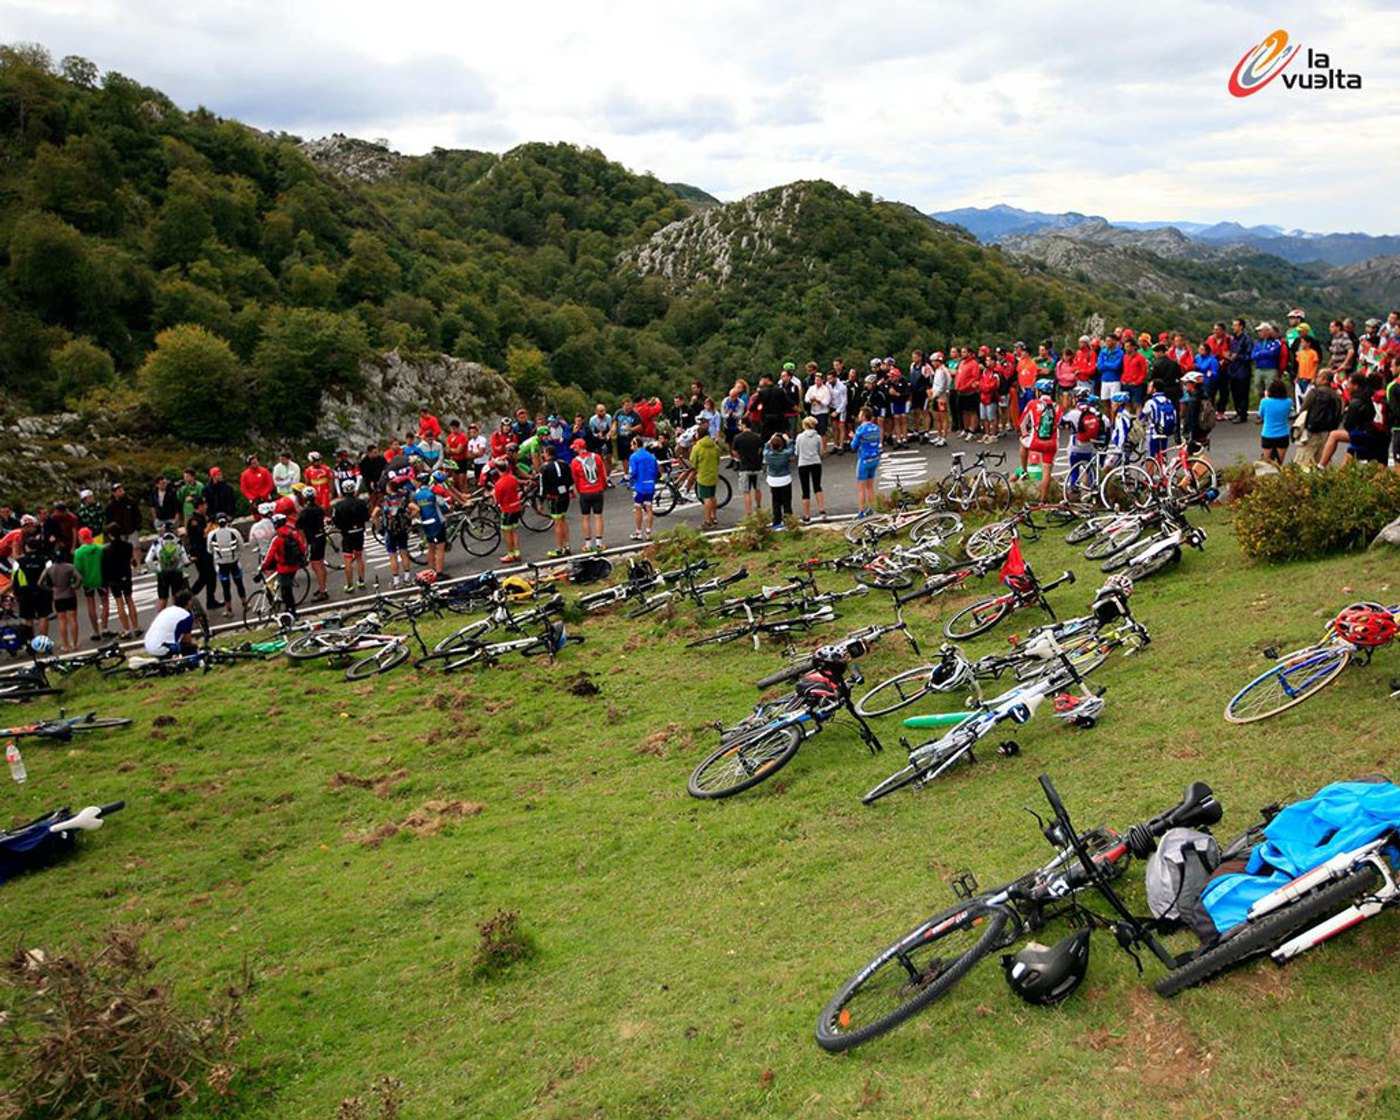 Los seis puertos de La Vuelta que no te puedes perder